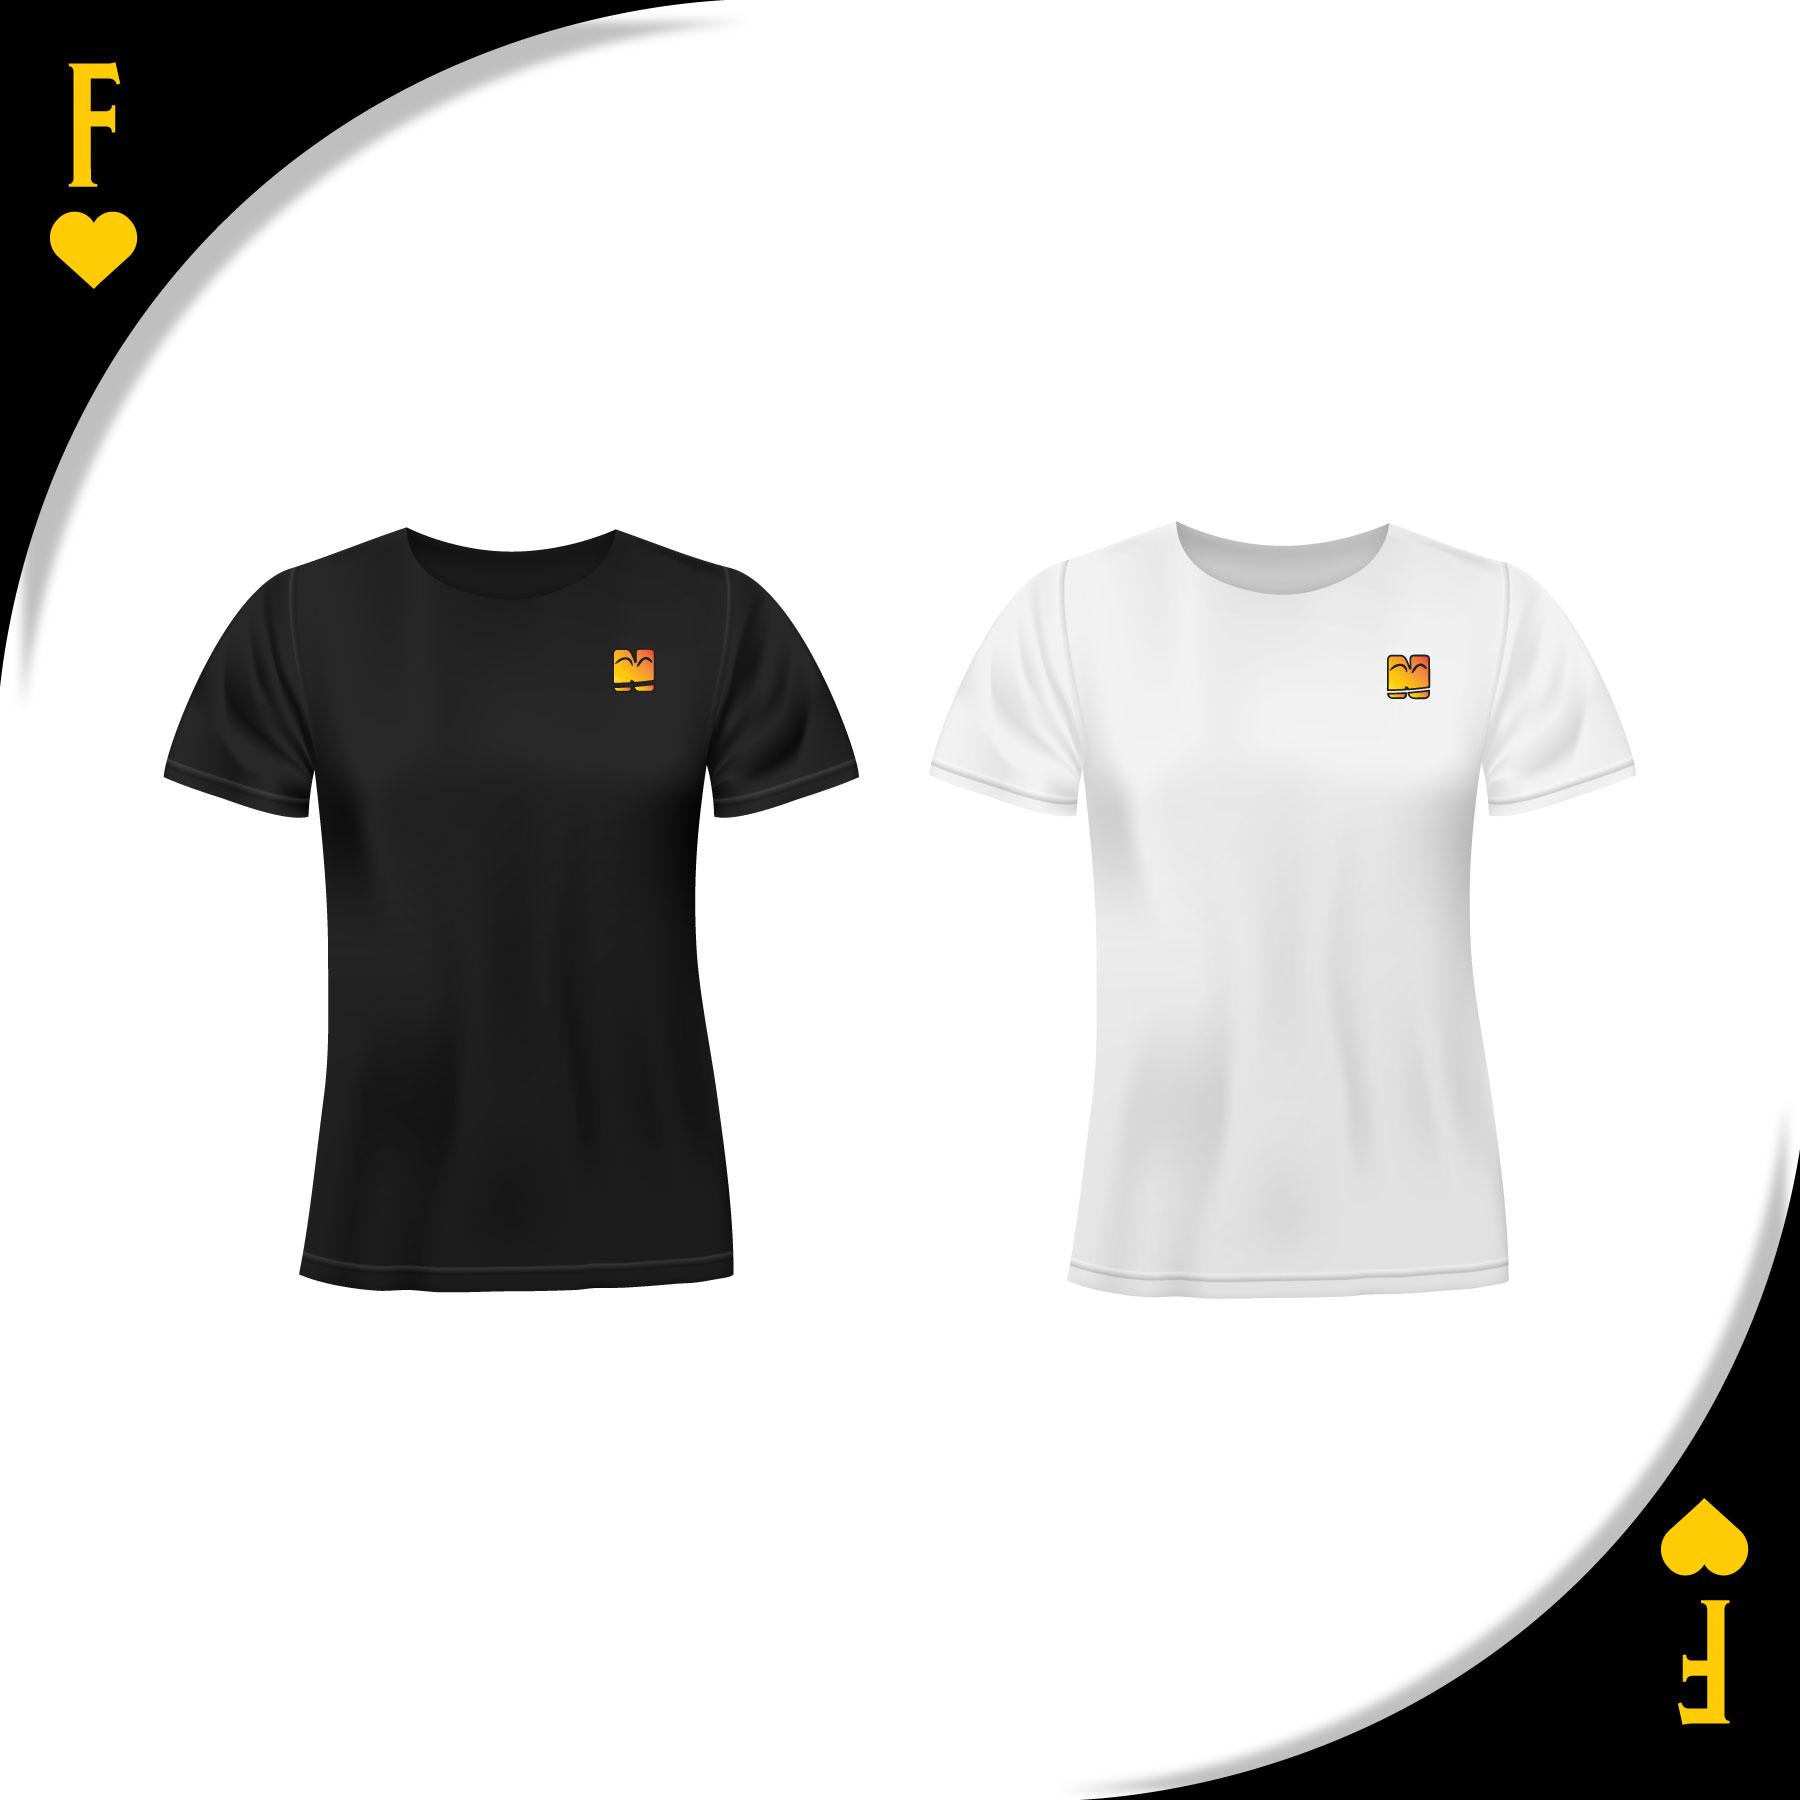 Musta ja valkoinen t-paita Funlus Oyn logolla.